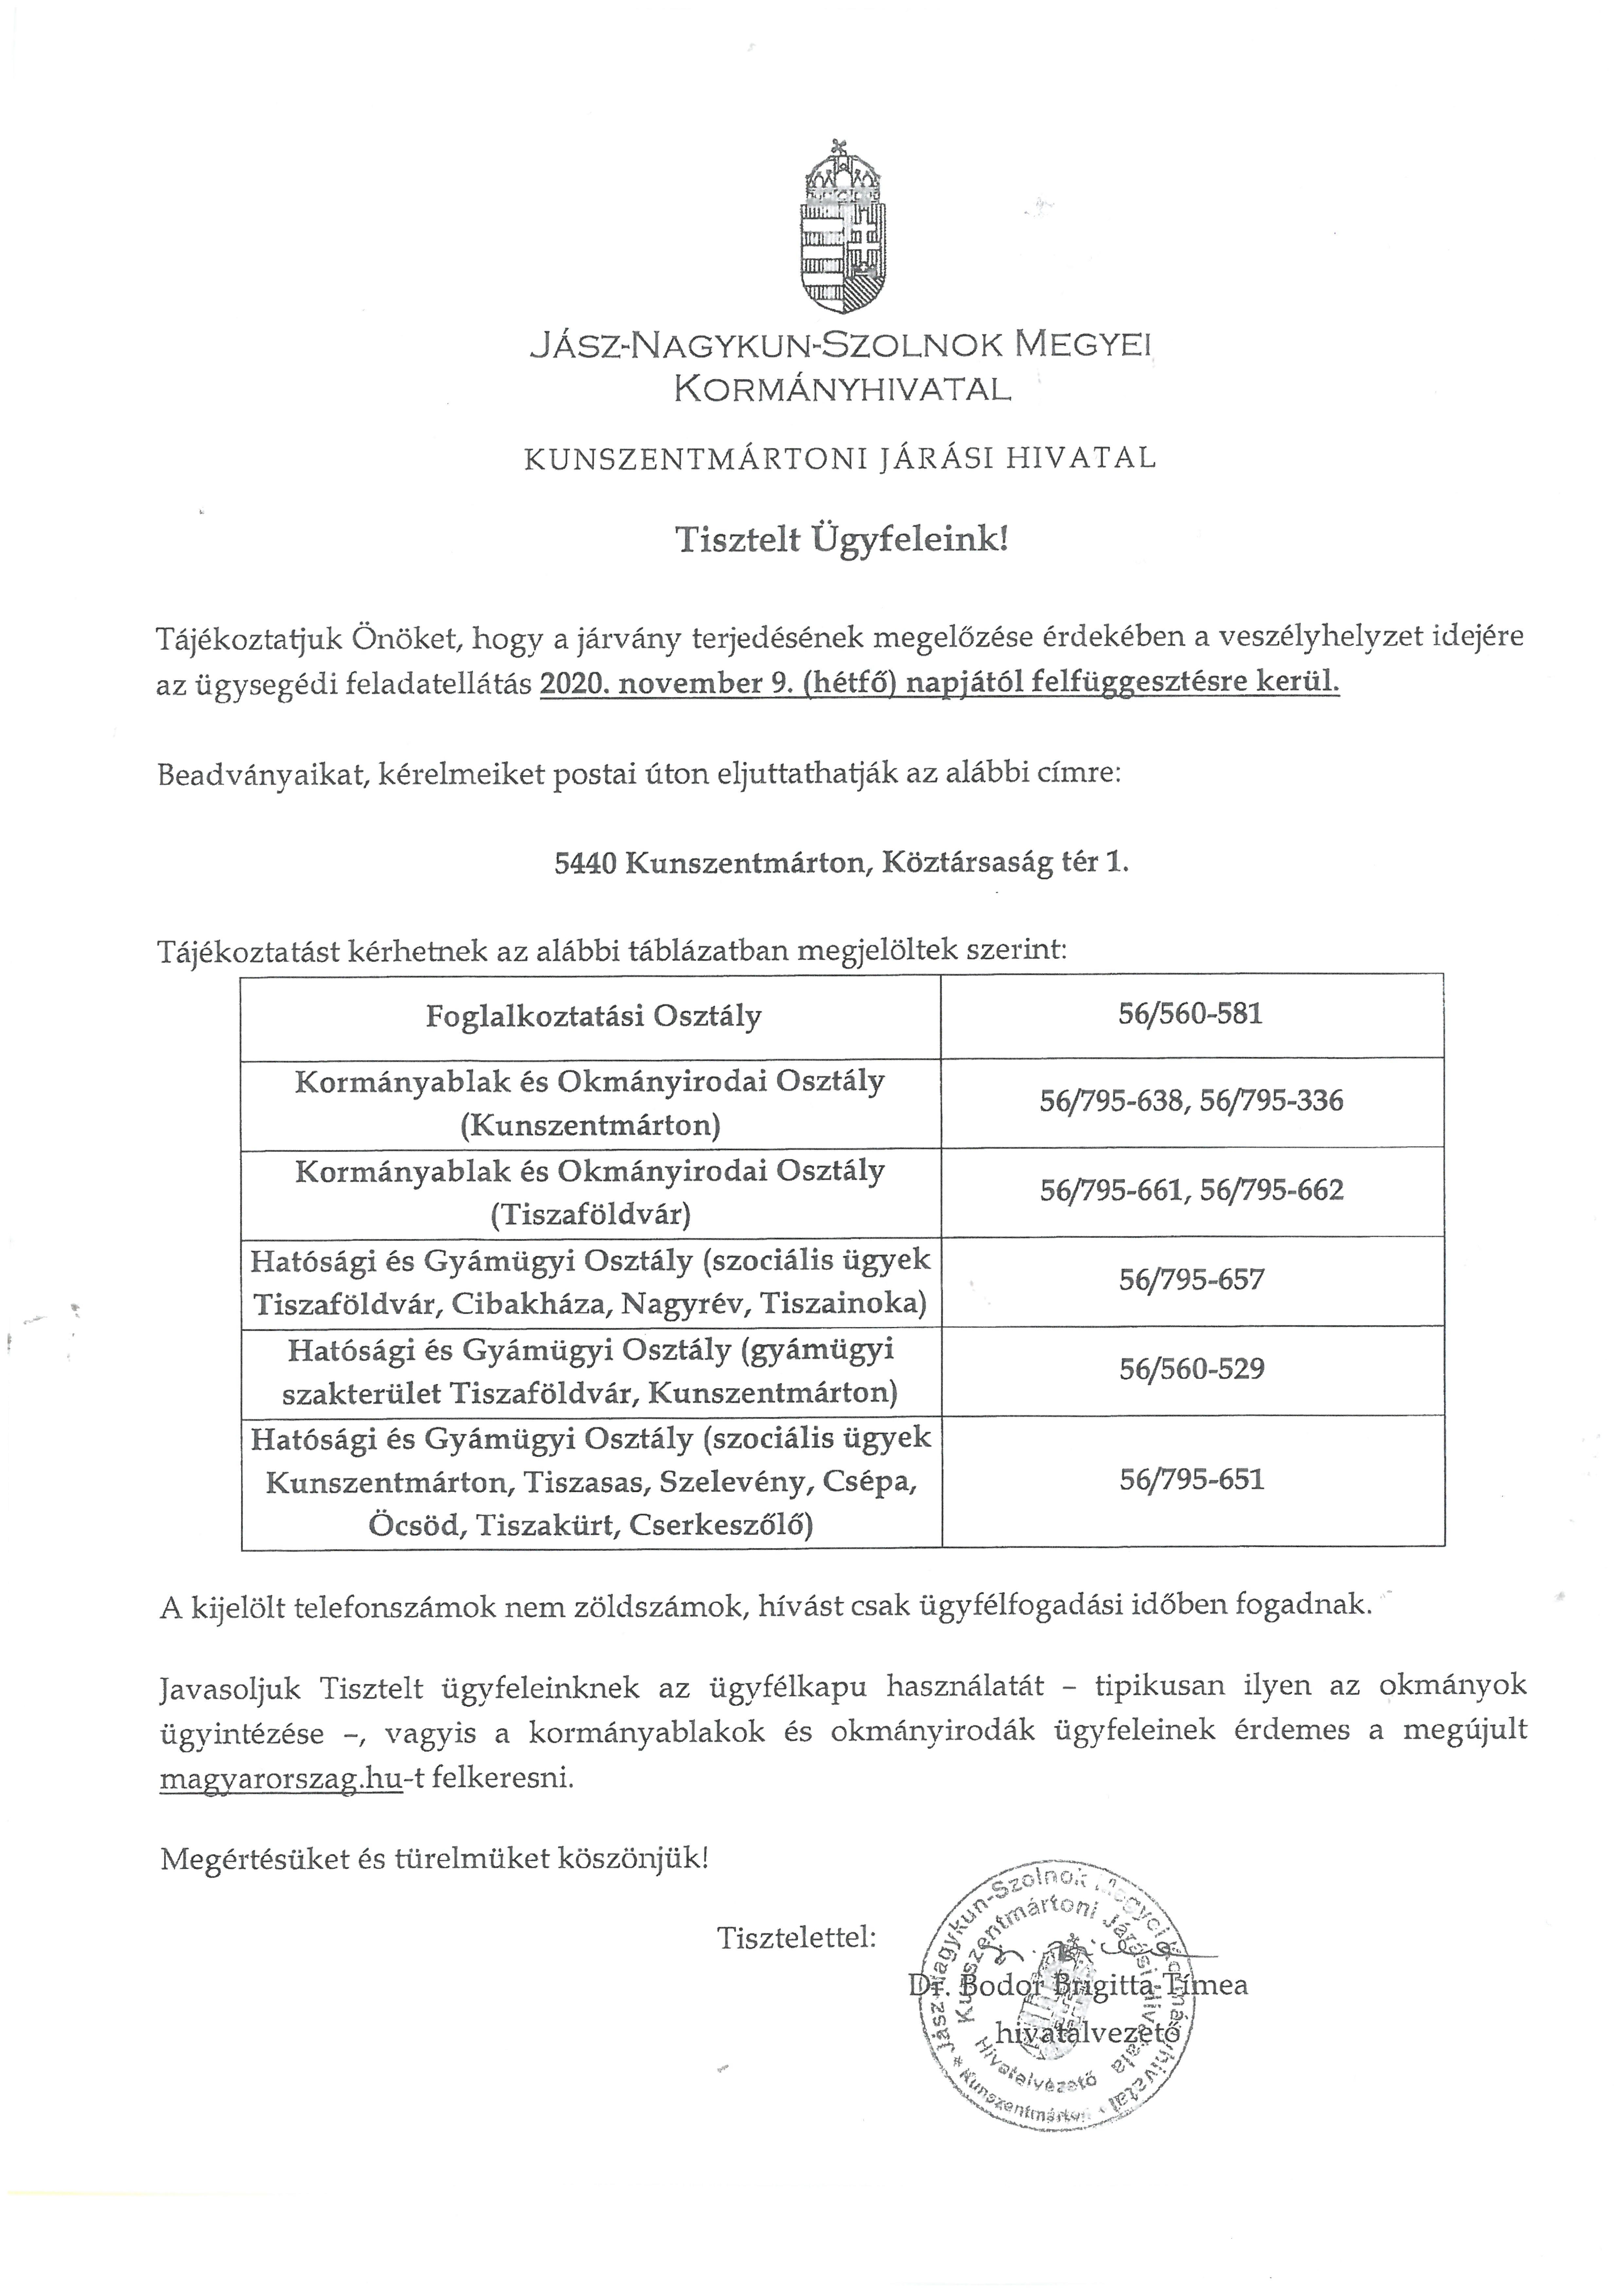 Jász-Nagykun-Szolnok Megyei Kormányhivatal Kunszentmártoni Járási Hivatal tájékoztatója